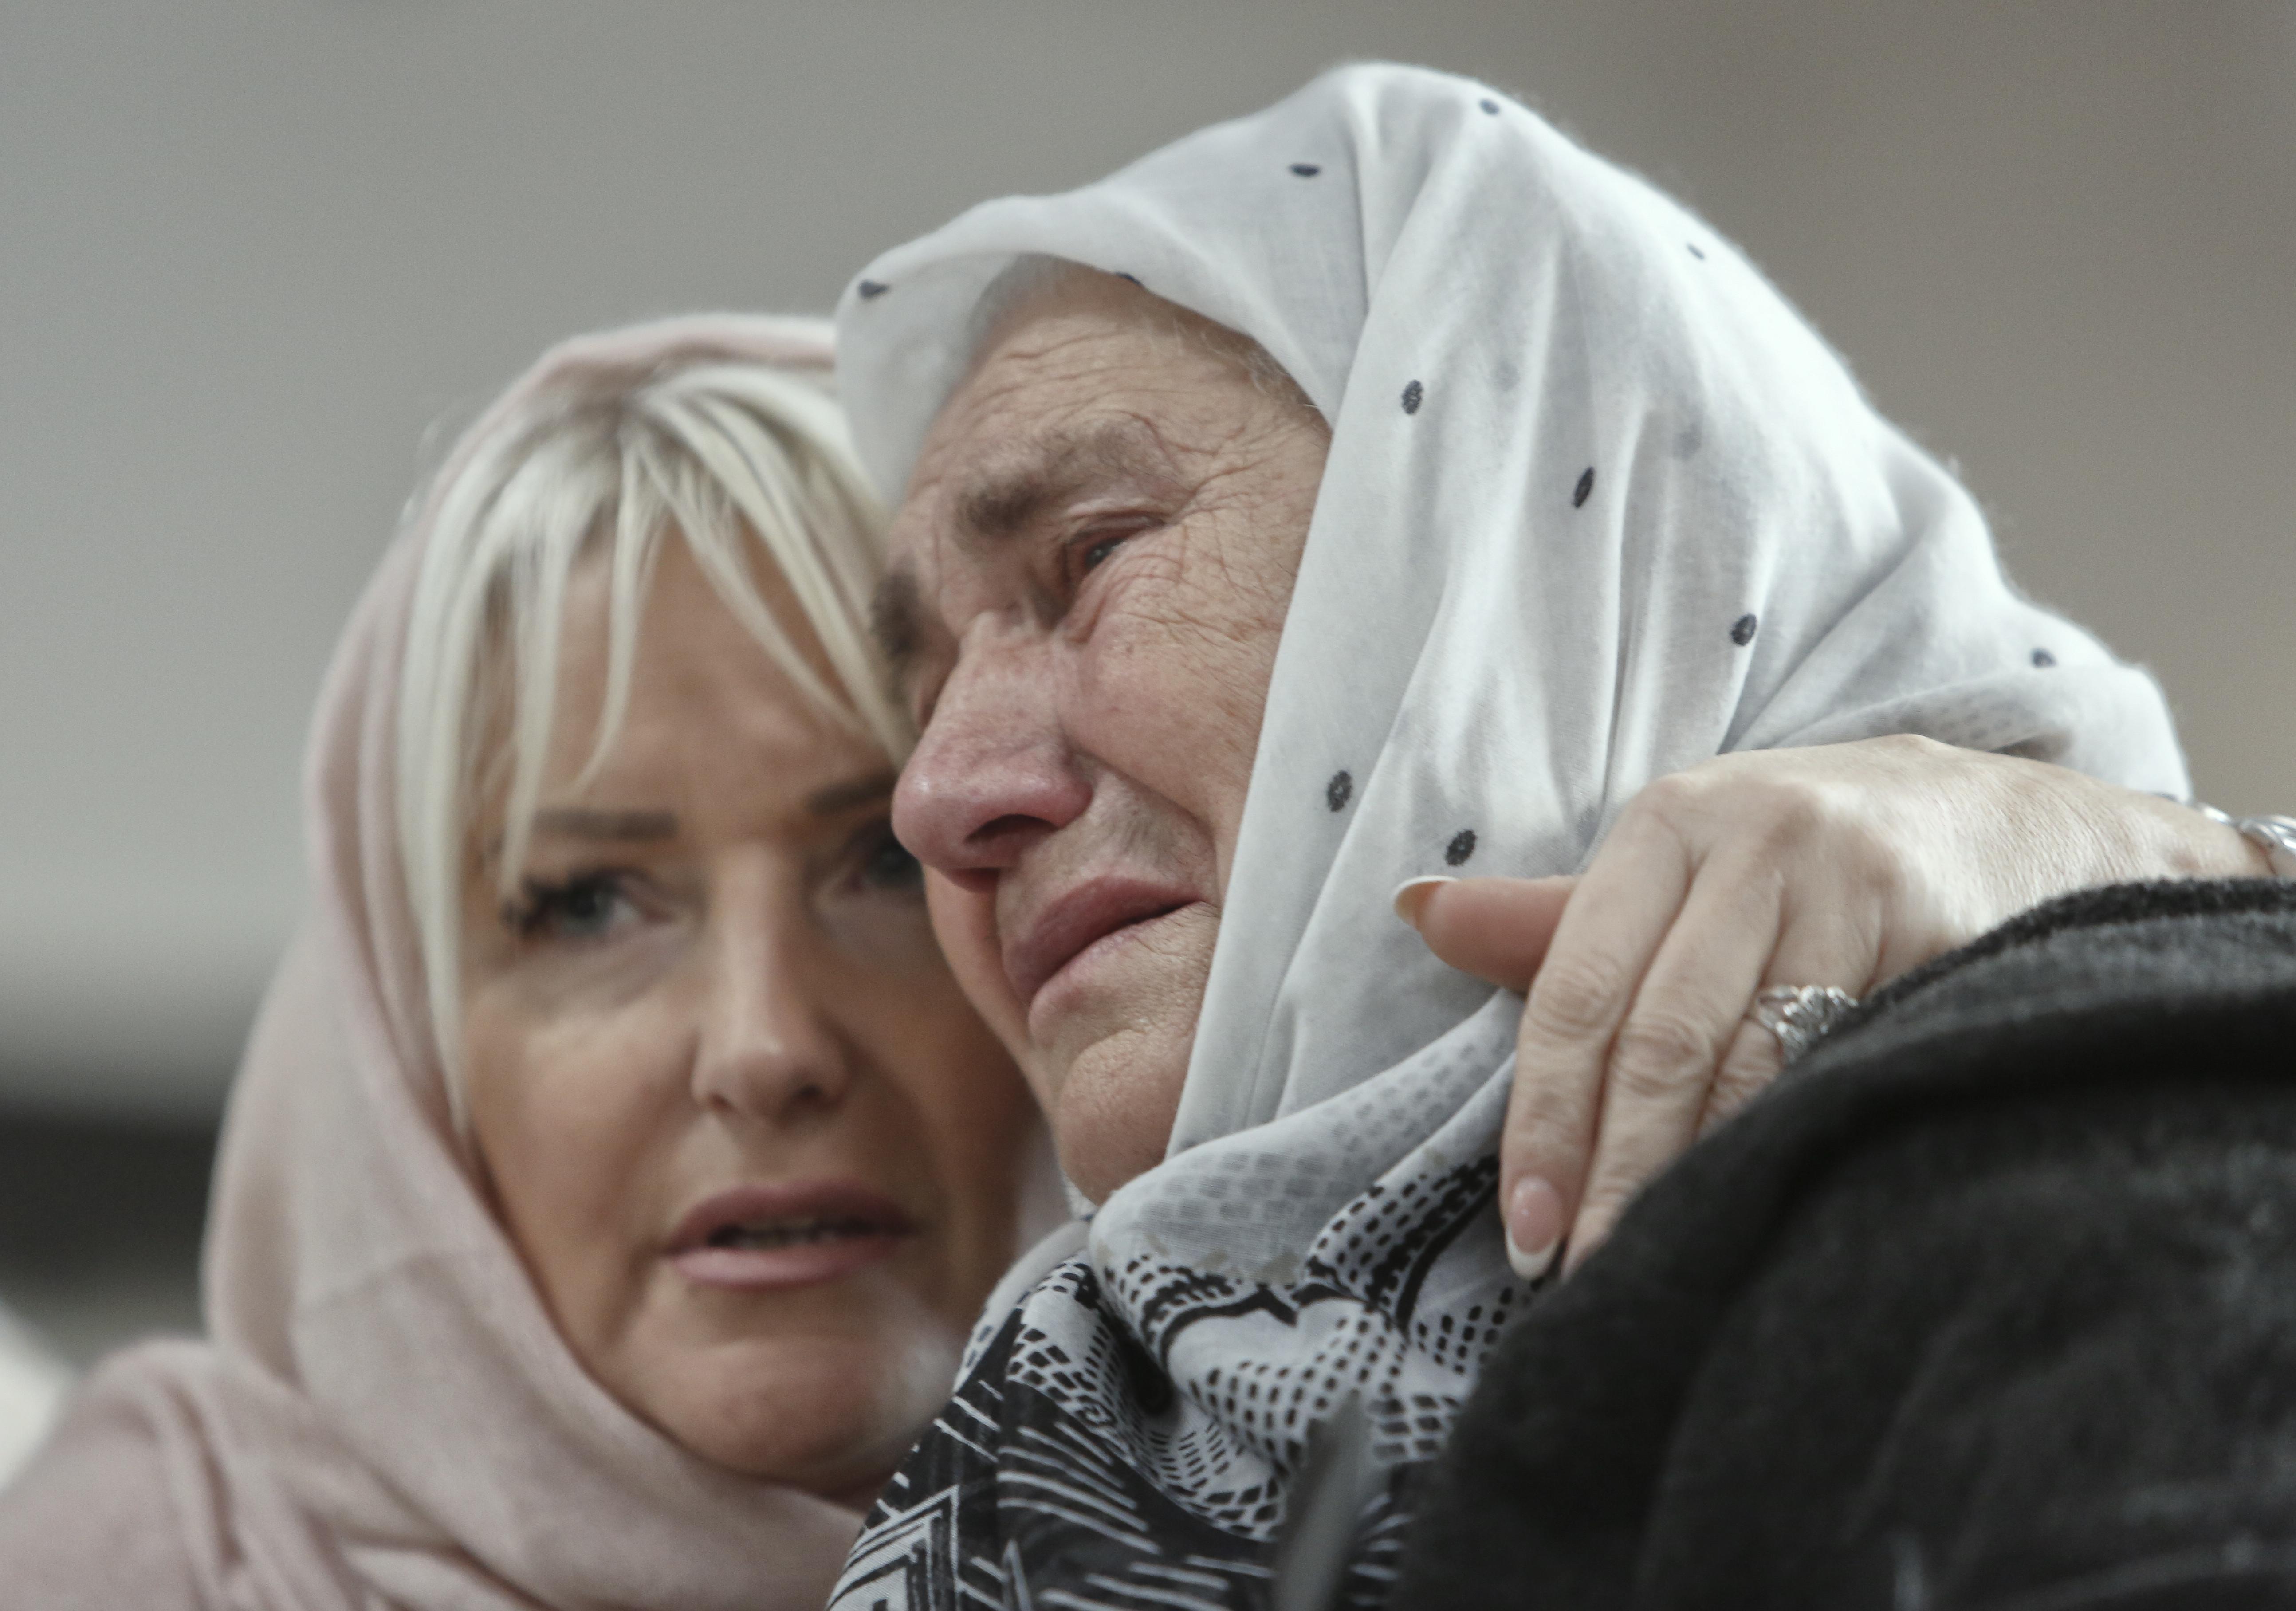 ▲▼ 出庭還比「讚」 屠殺8000名回教徒「波士尼亞屠夫」終身監禁。(圖/達志影像/美聯社)